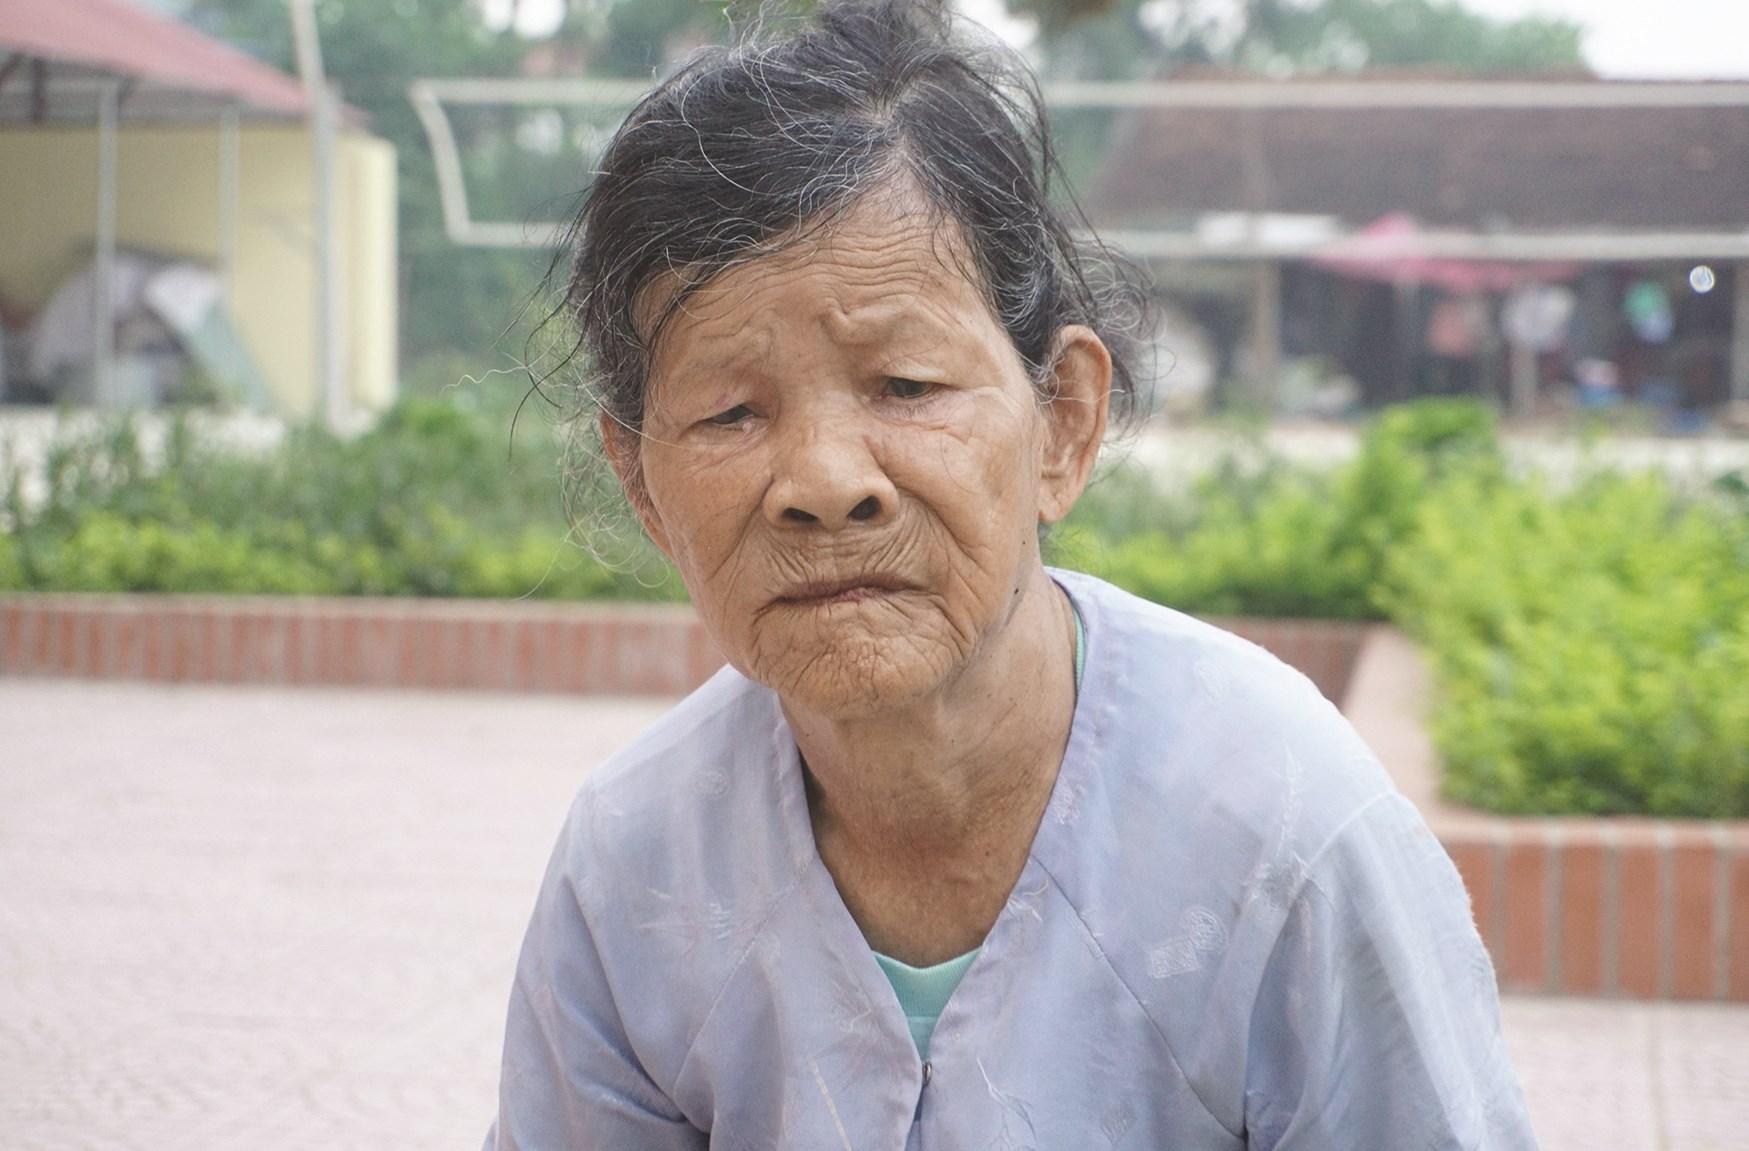 Bà Cúc 87 tuổi, nước mắt lăn dài trên gương mặt khắc khổ về việc gia đình bà không được bình xét hộ nghèo